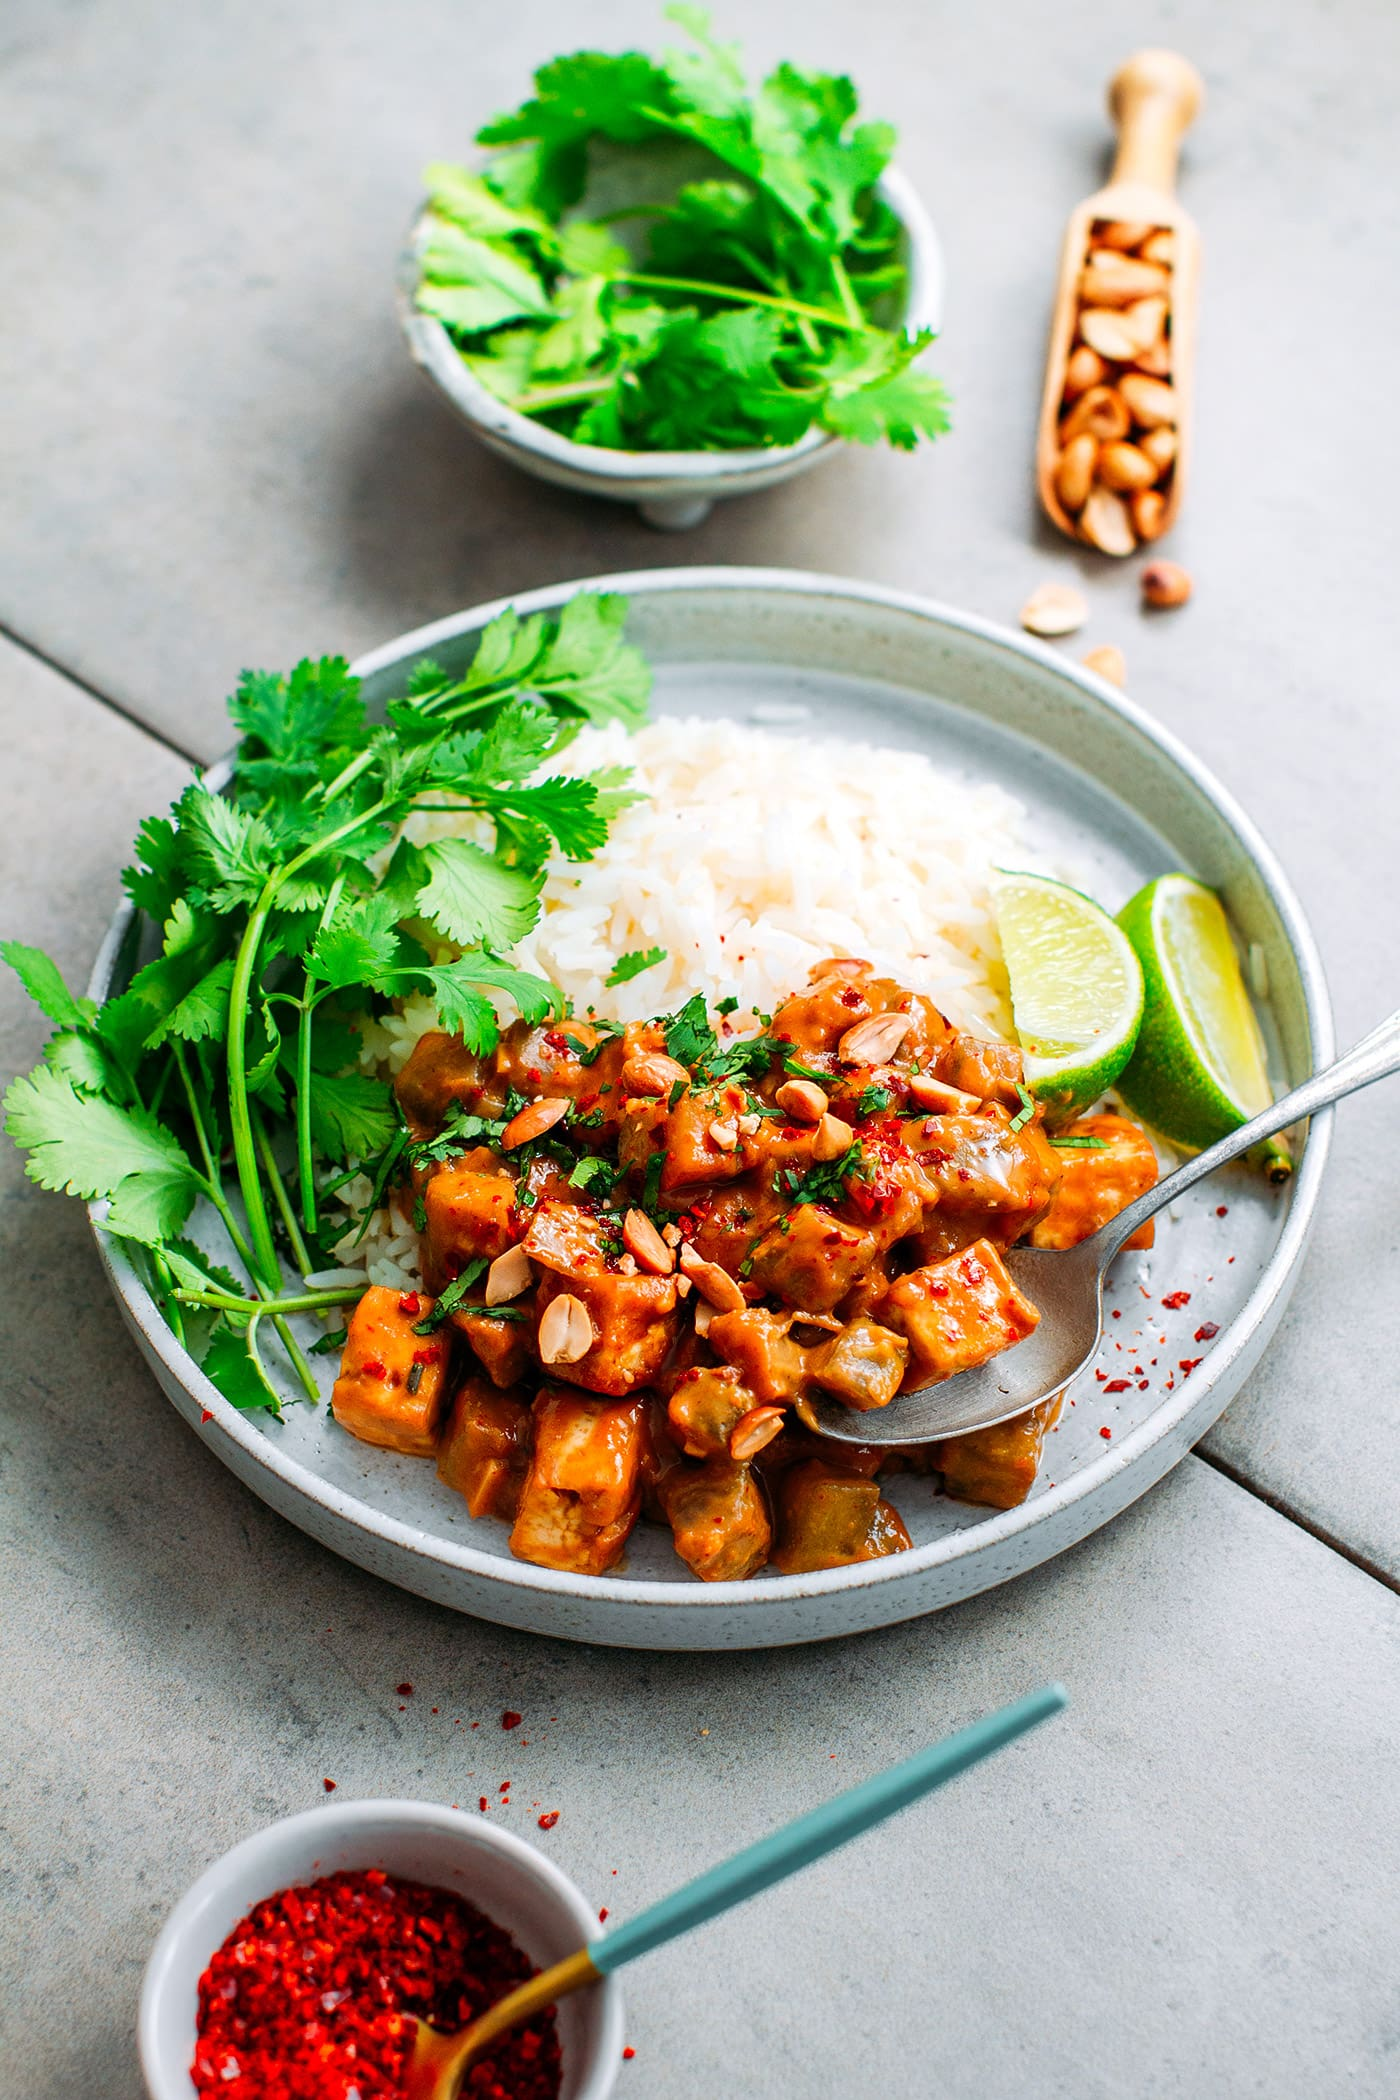 Eggplant & Tofu with Peanut Satay